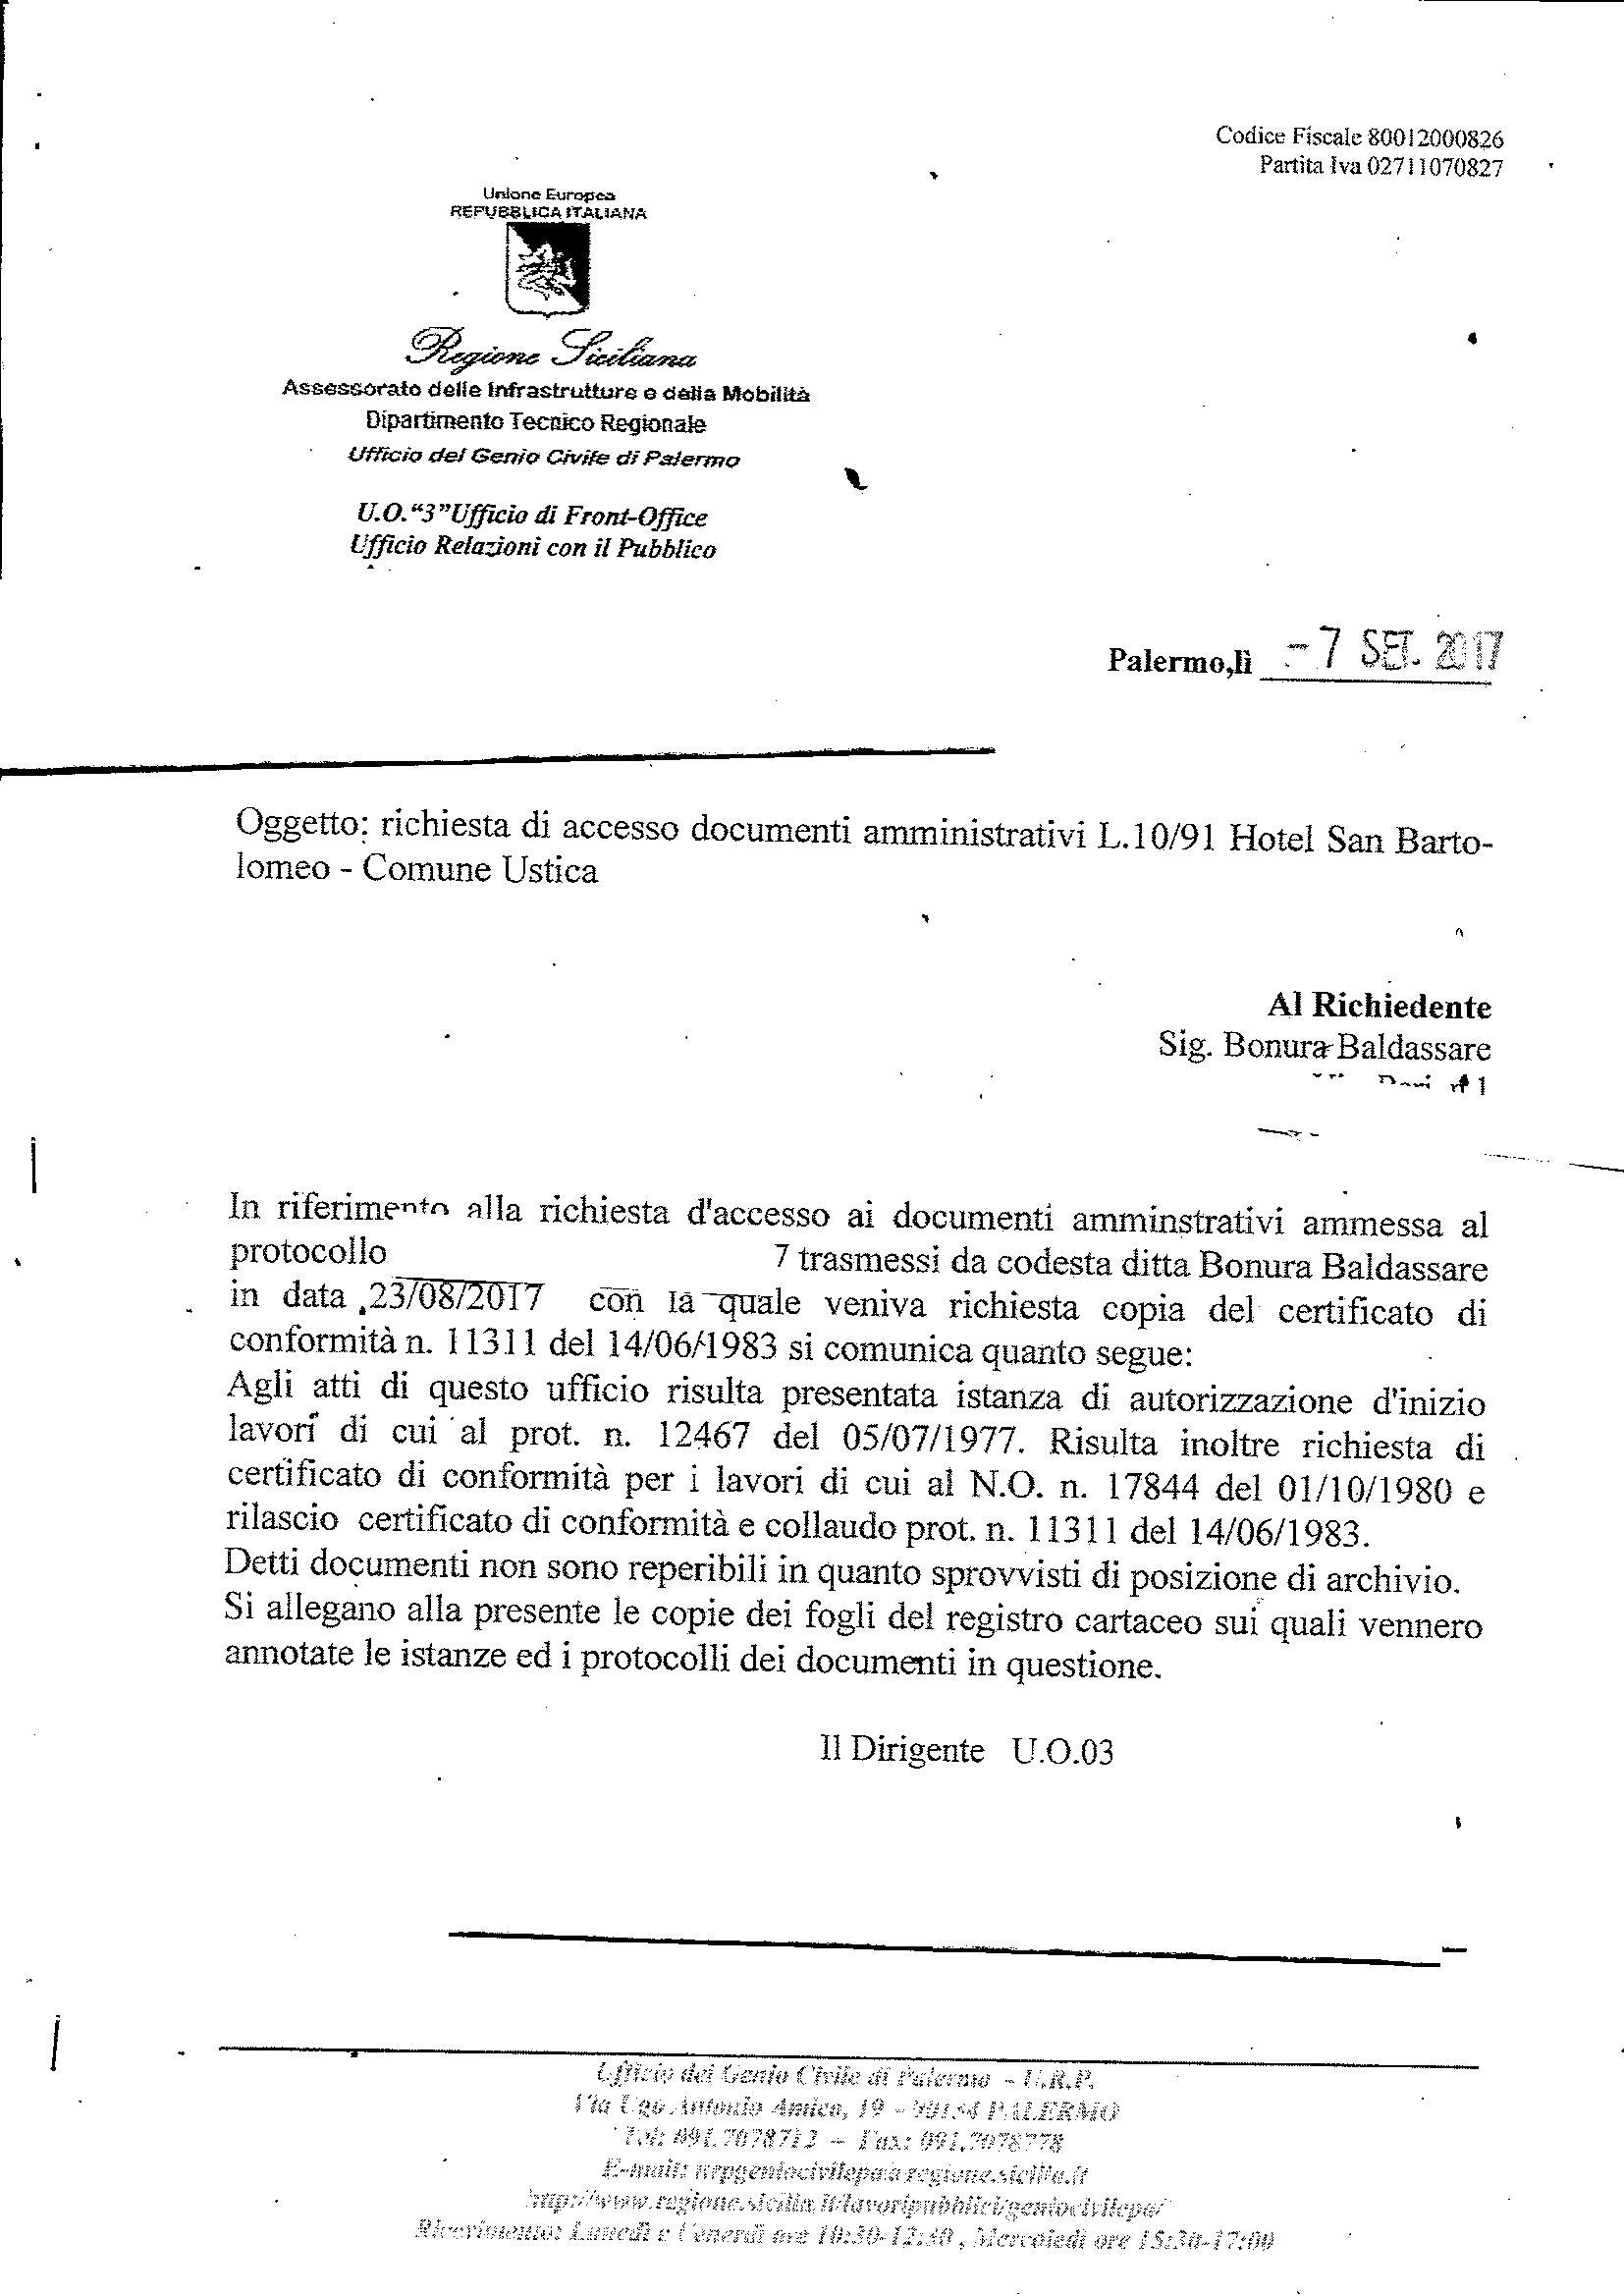 Genio Civile -Accesso Atti- Hotel San Bartolomeo Ustica - Rilascio Conformita' e Collaudo 14 giugno 1983